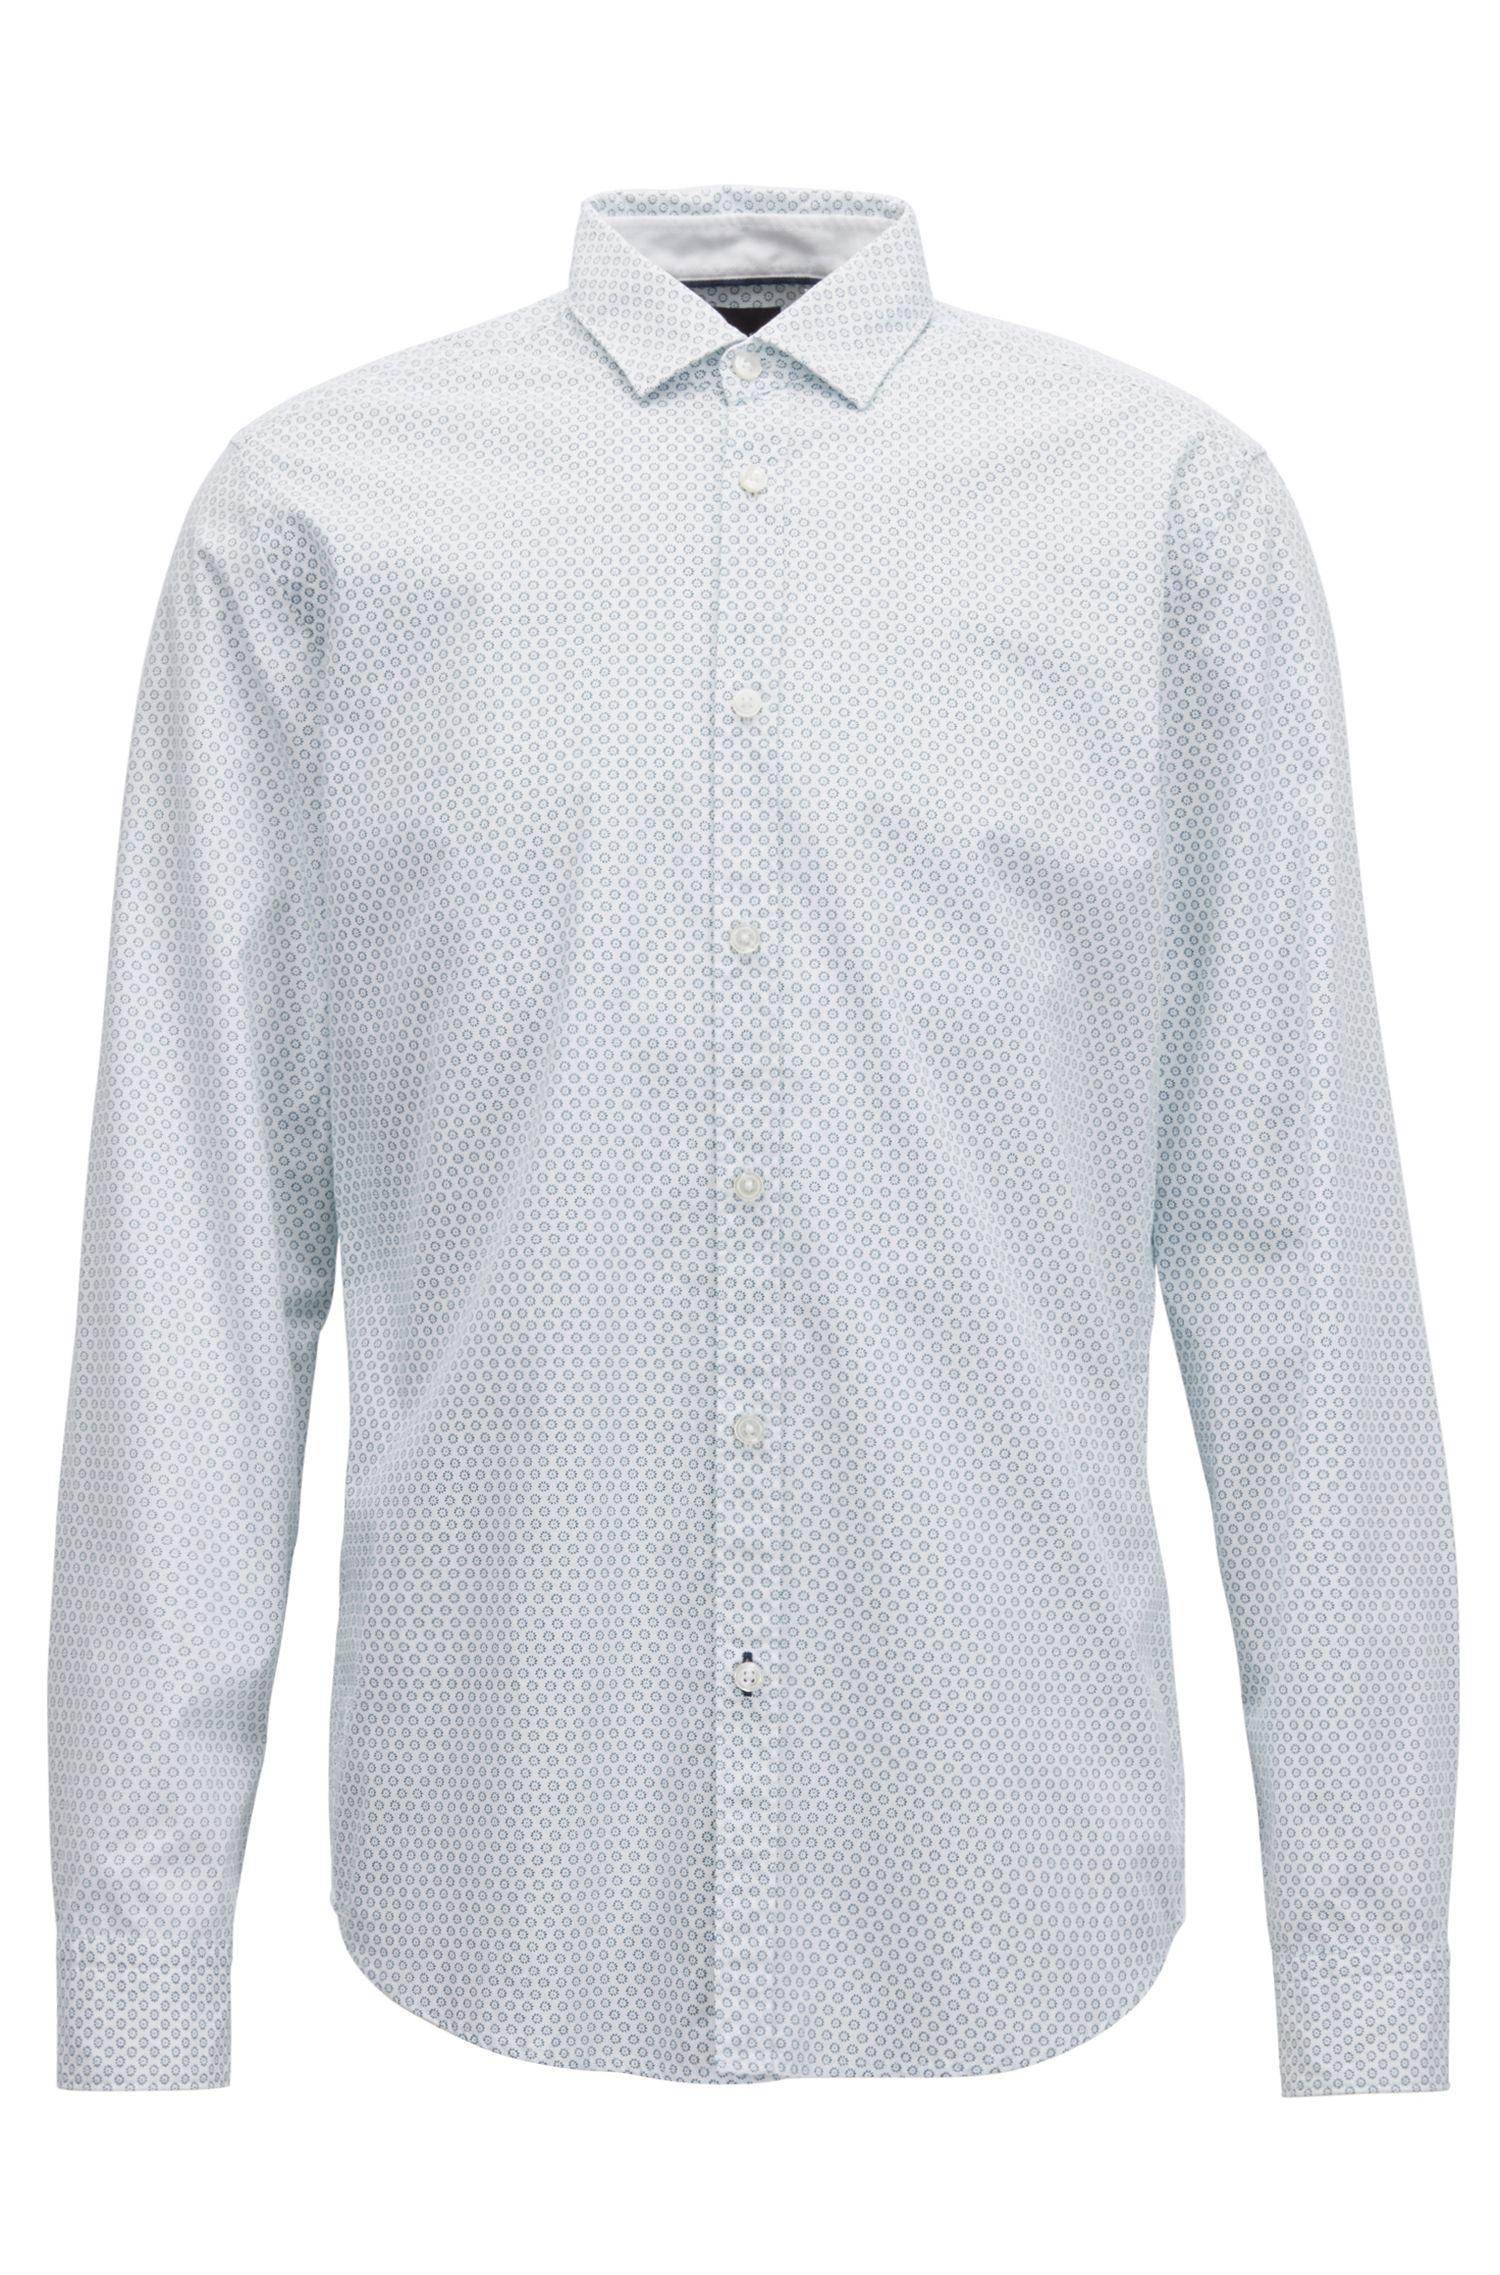 Camicia regular fit in cotone stampato effetto slavato